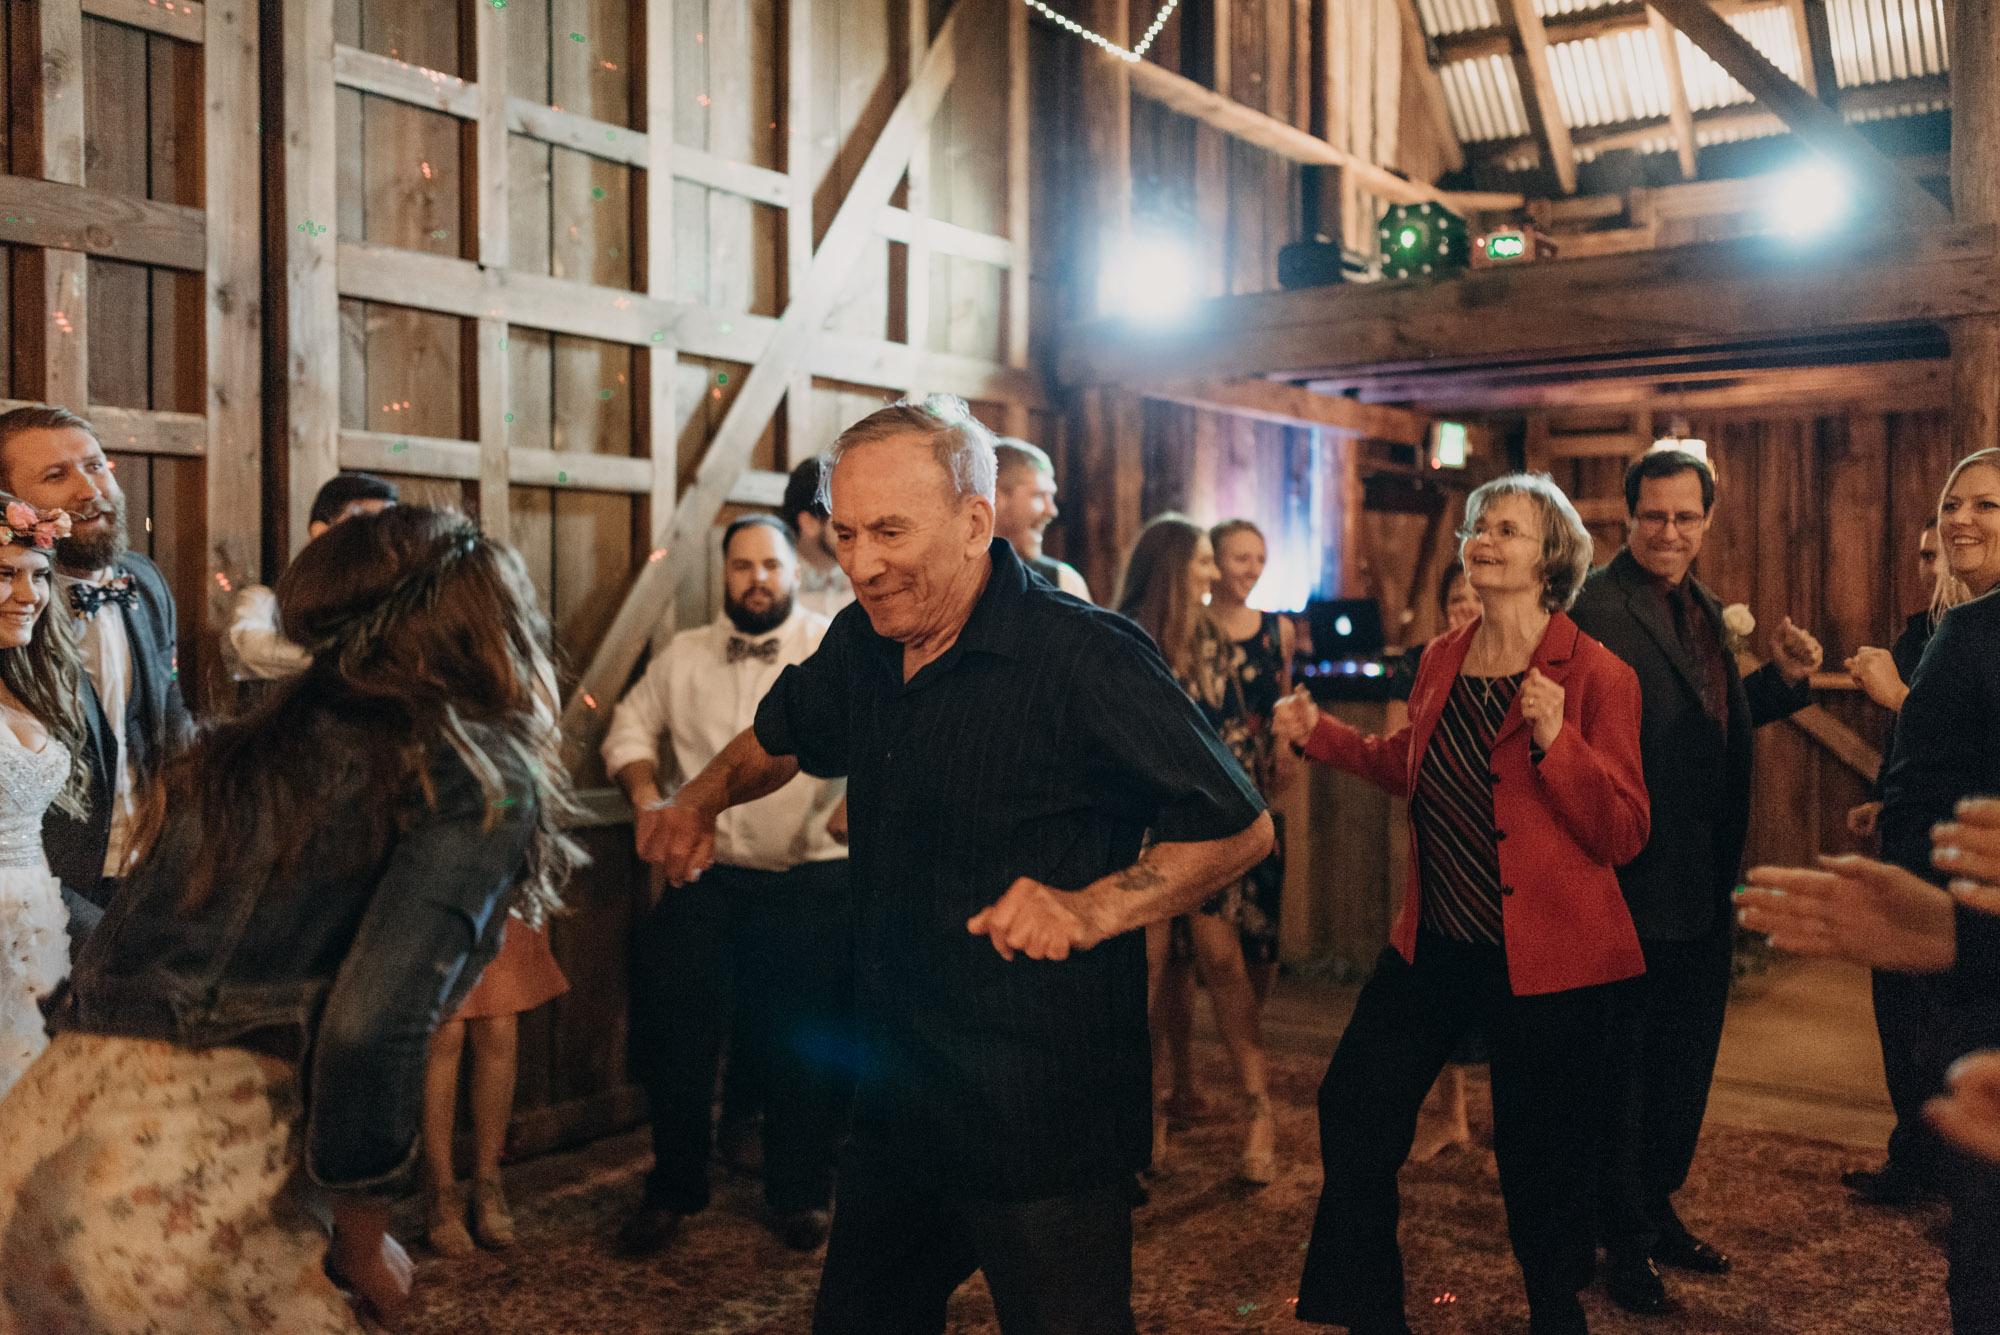 Indoor-Barn-Ceremony-Dancing-Washington-0022.jpg